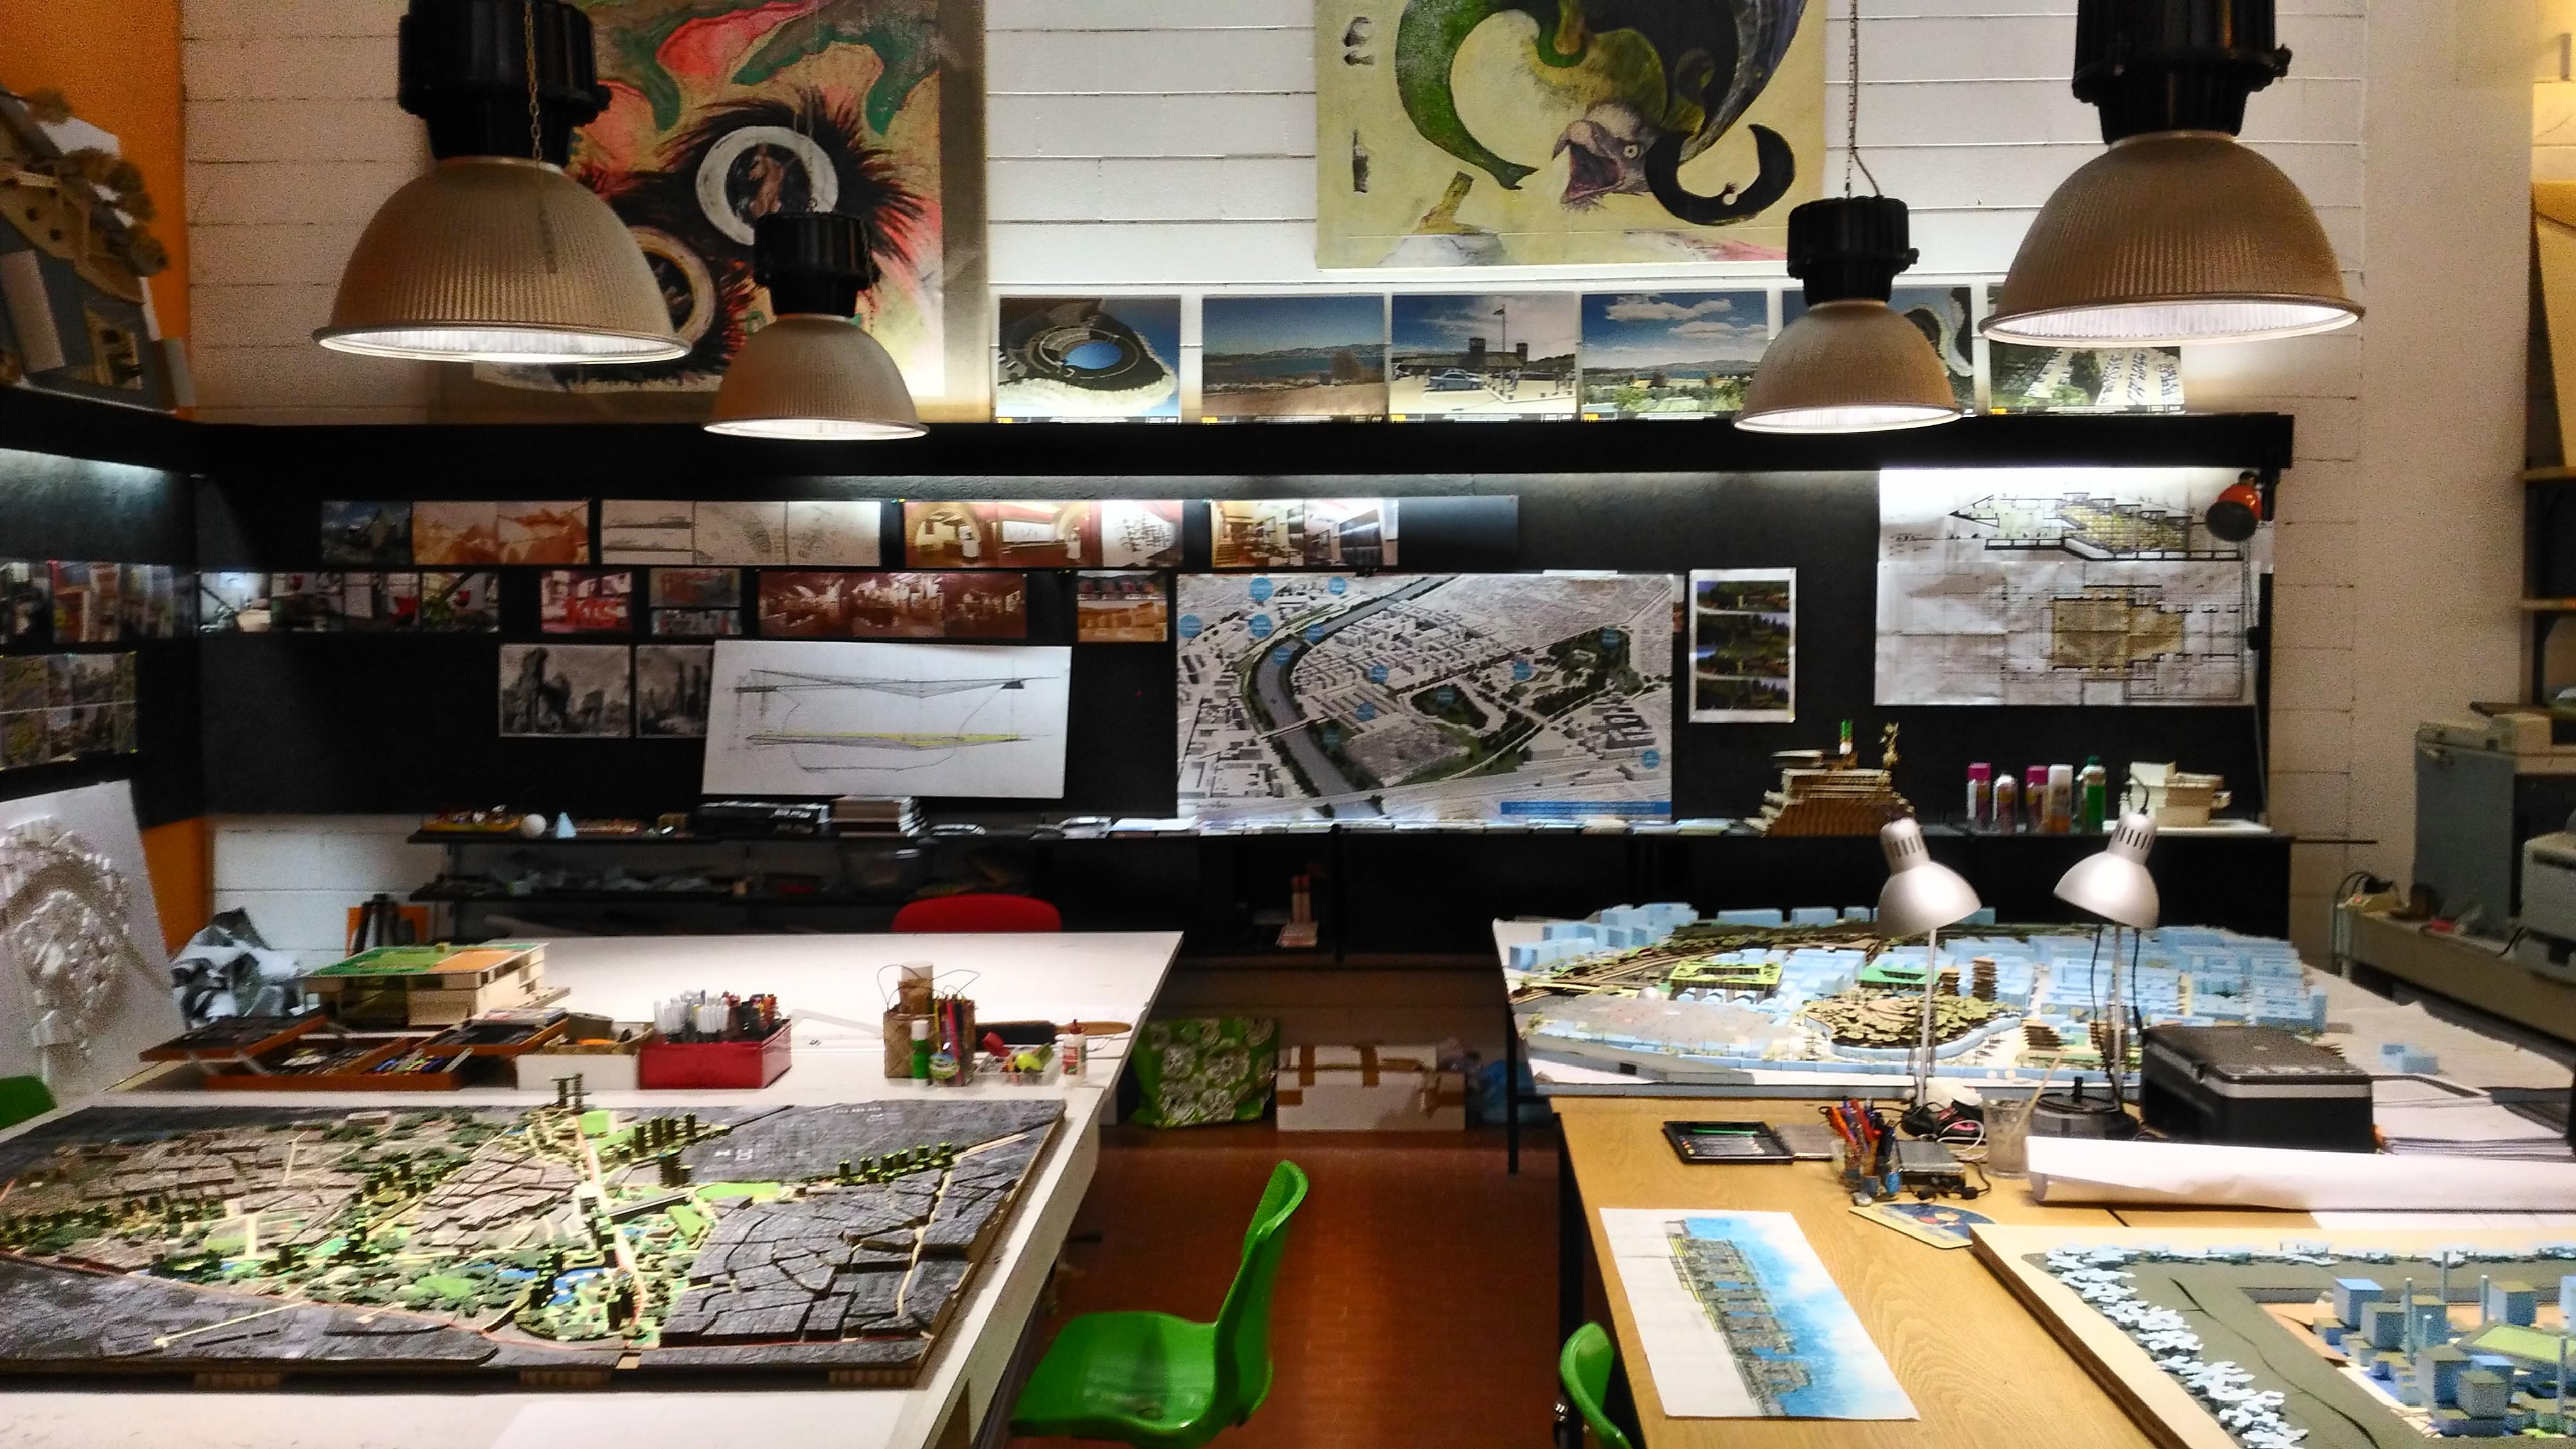 Studi Architettura Roma Lavoro urban-gap – rigenerazione urbana